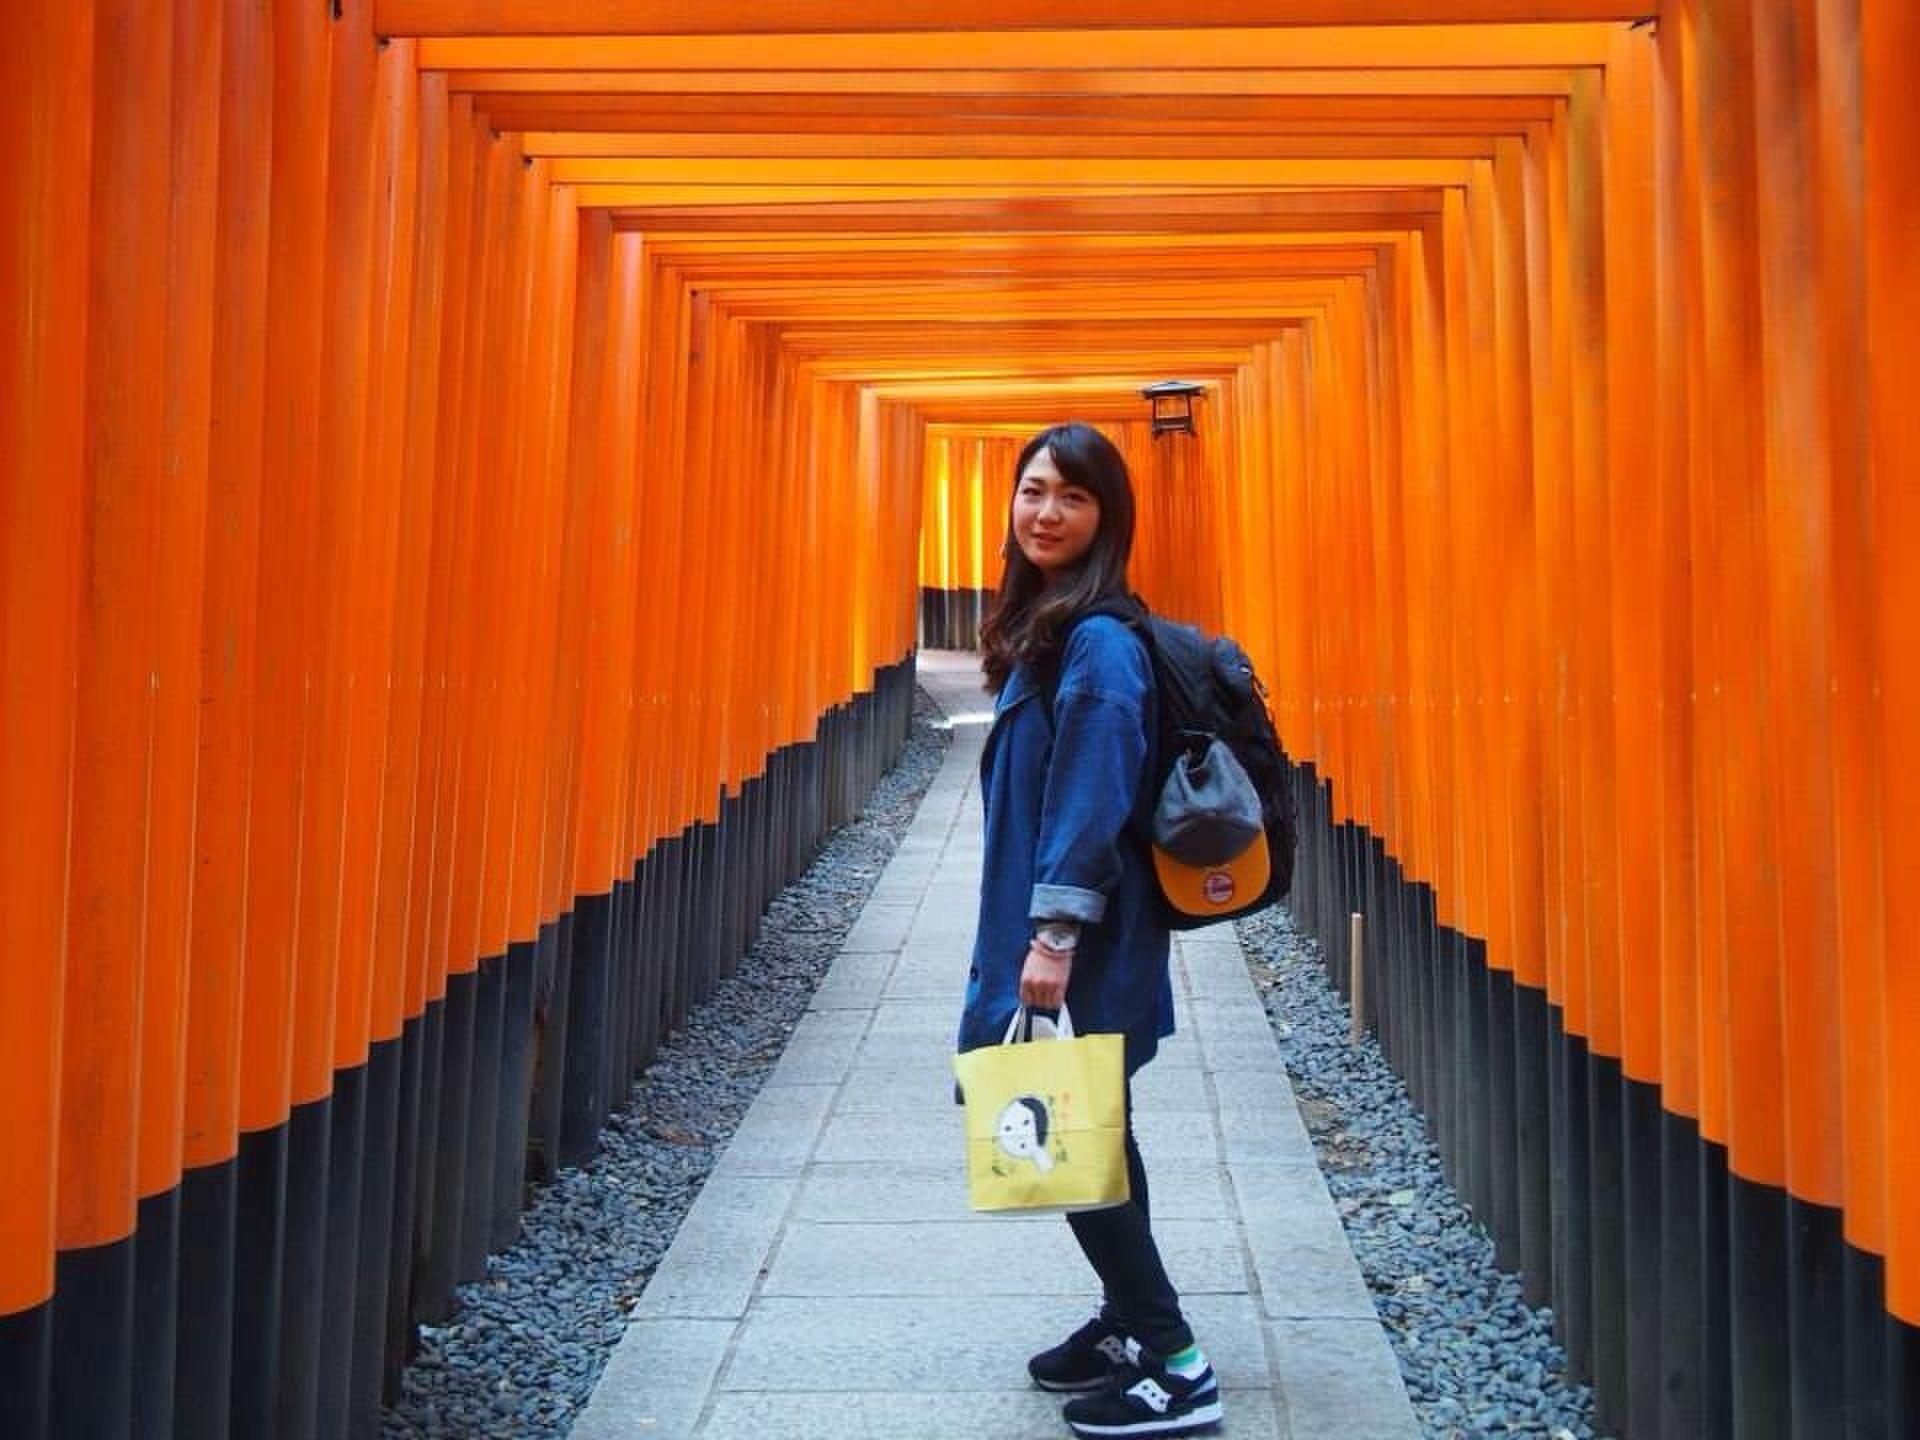 京都一人旅!これで絶対ハズさない、おすすめ観光モデルコース7選